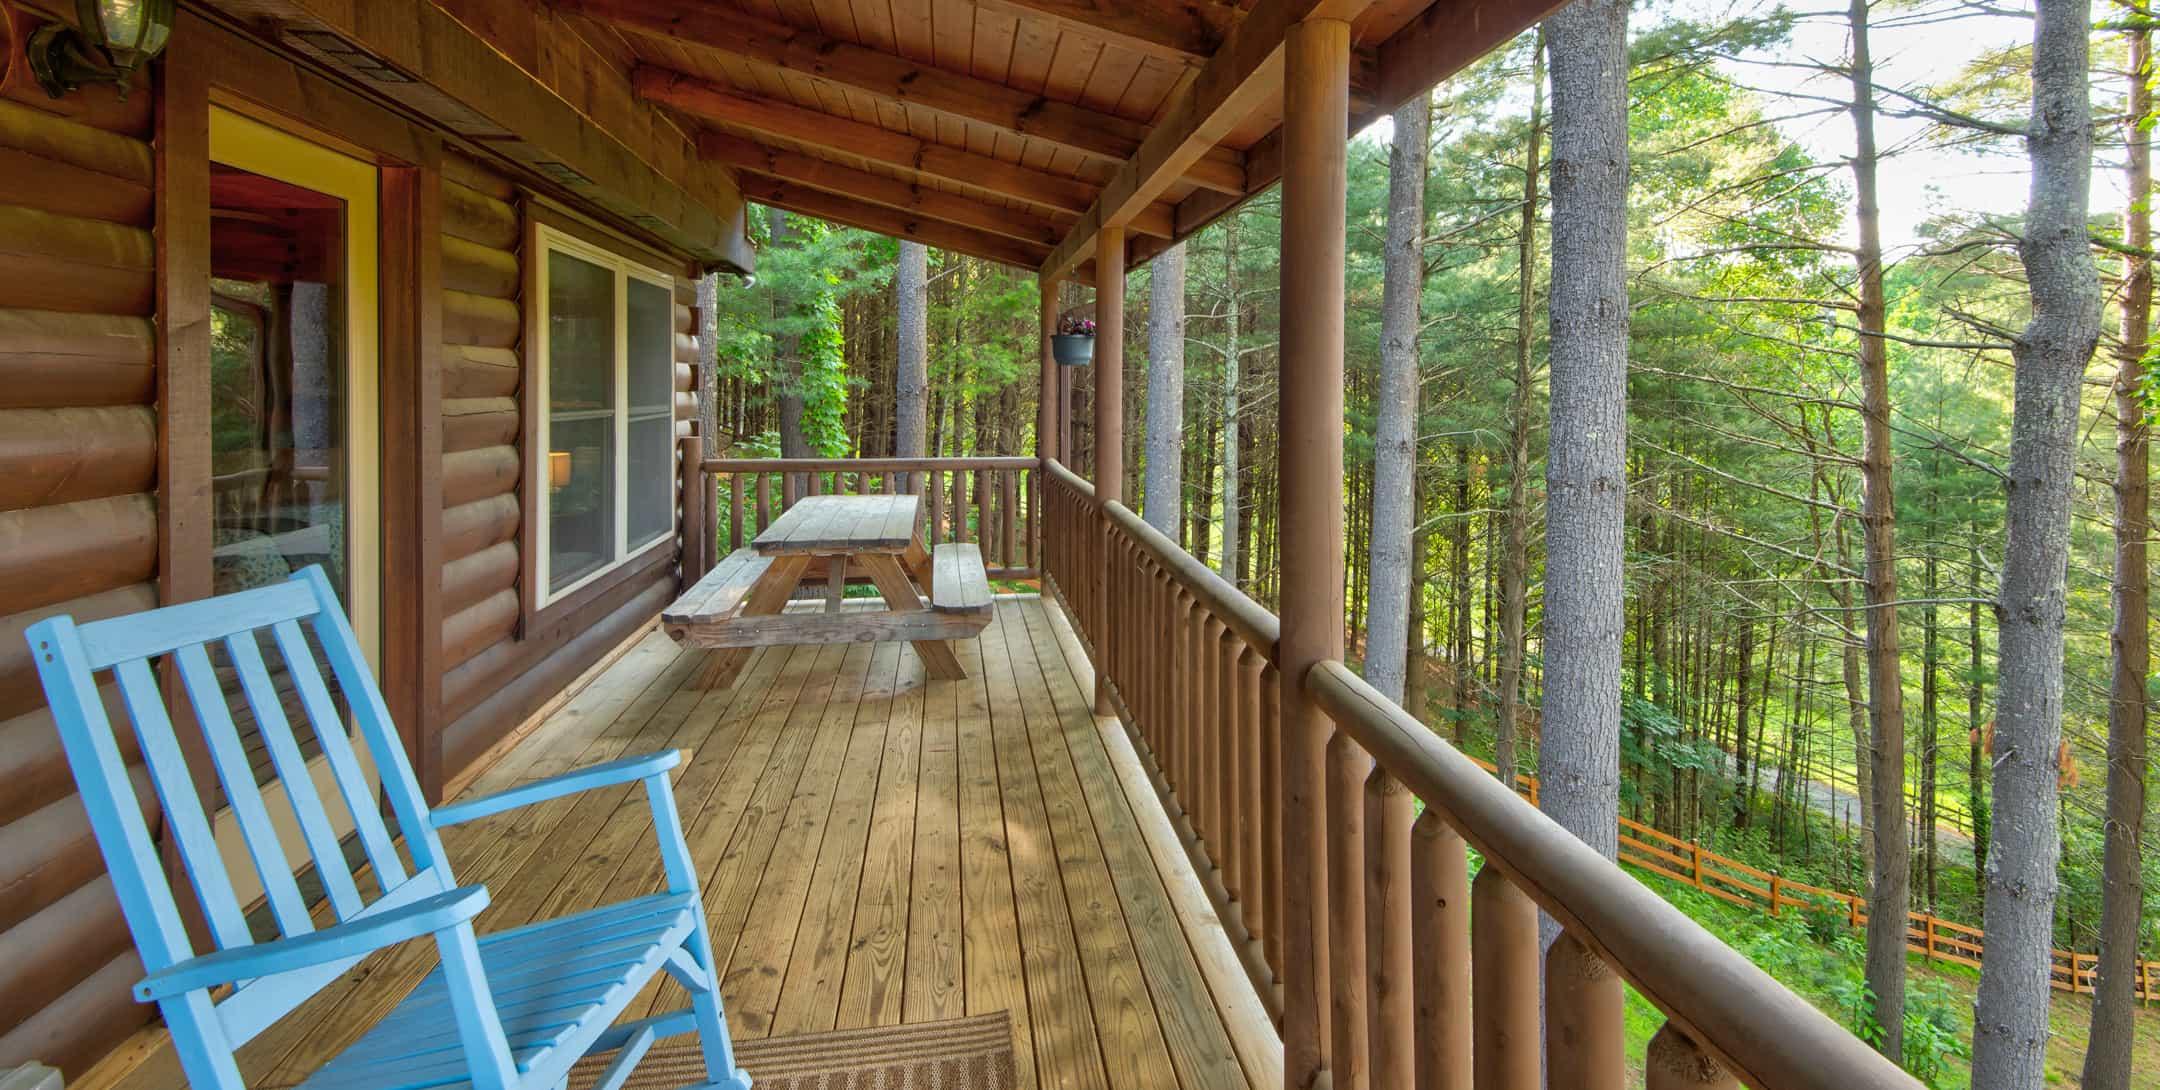 Back deck of the Mam's Refuge Cabin